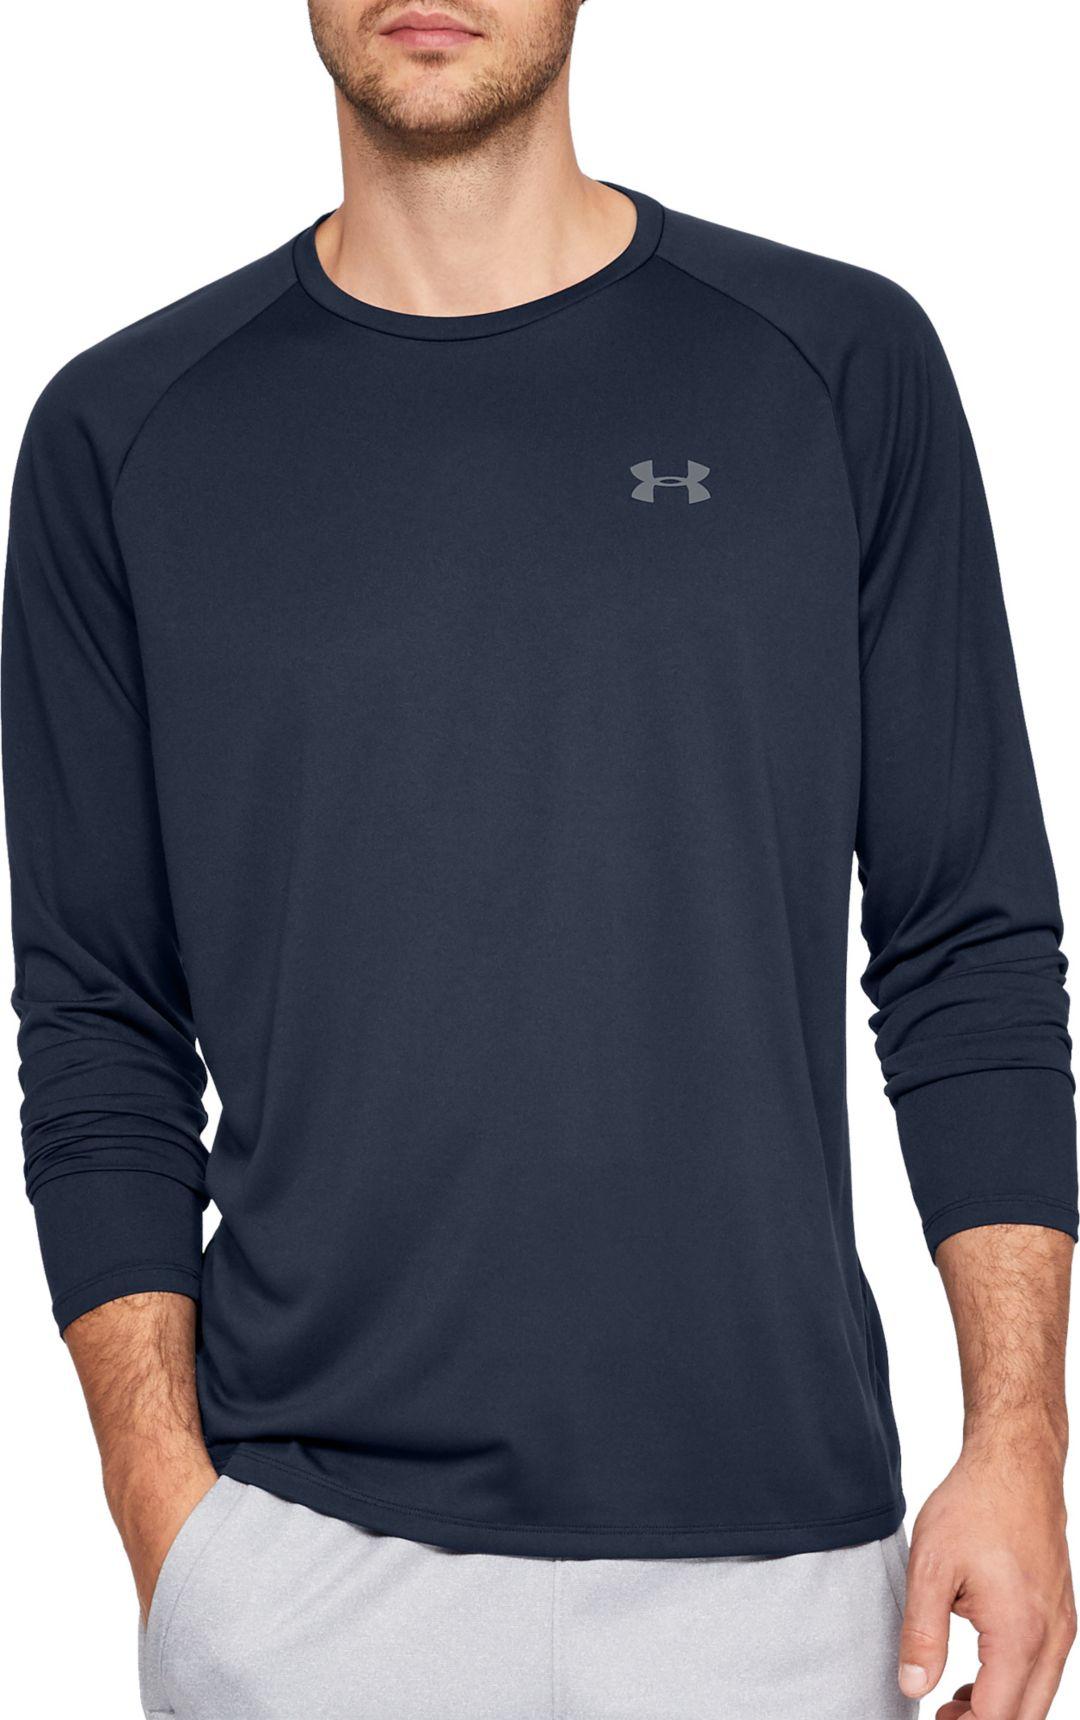 58bb02c4 Under Armour Men's Tech Long Sleeve Shirt. noImageFound. Previous